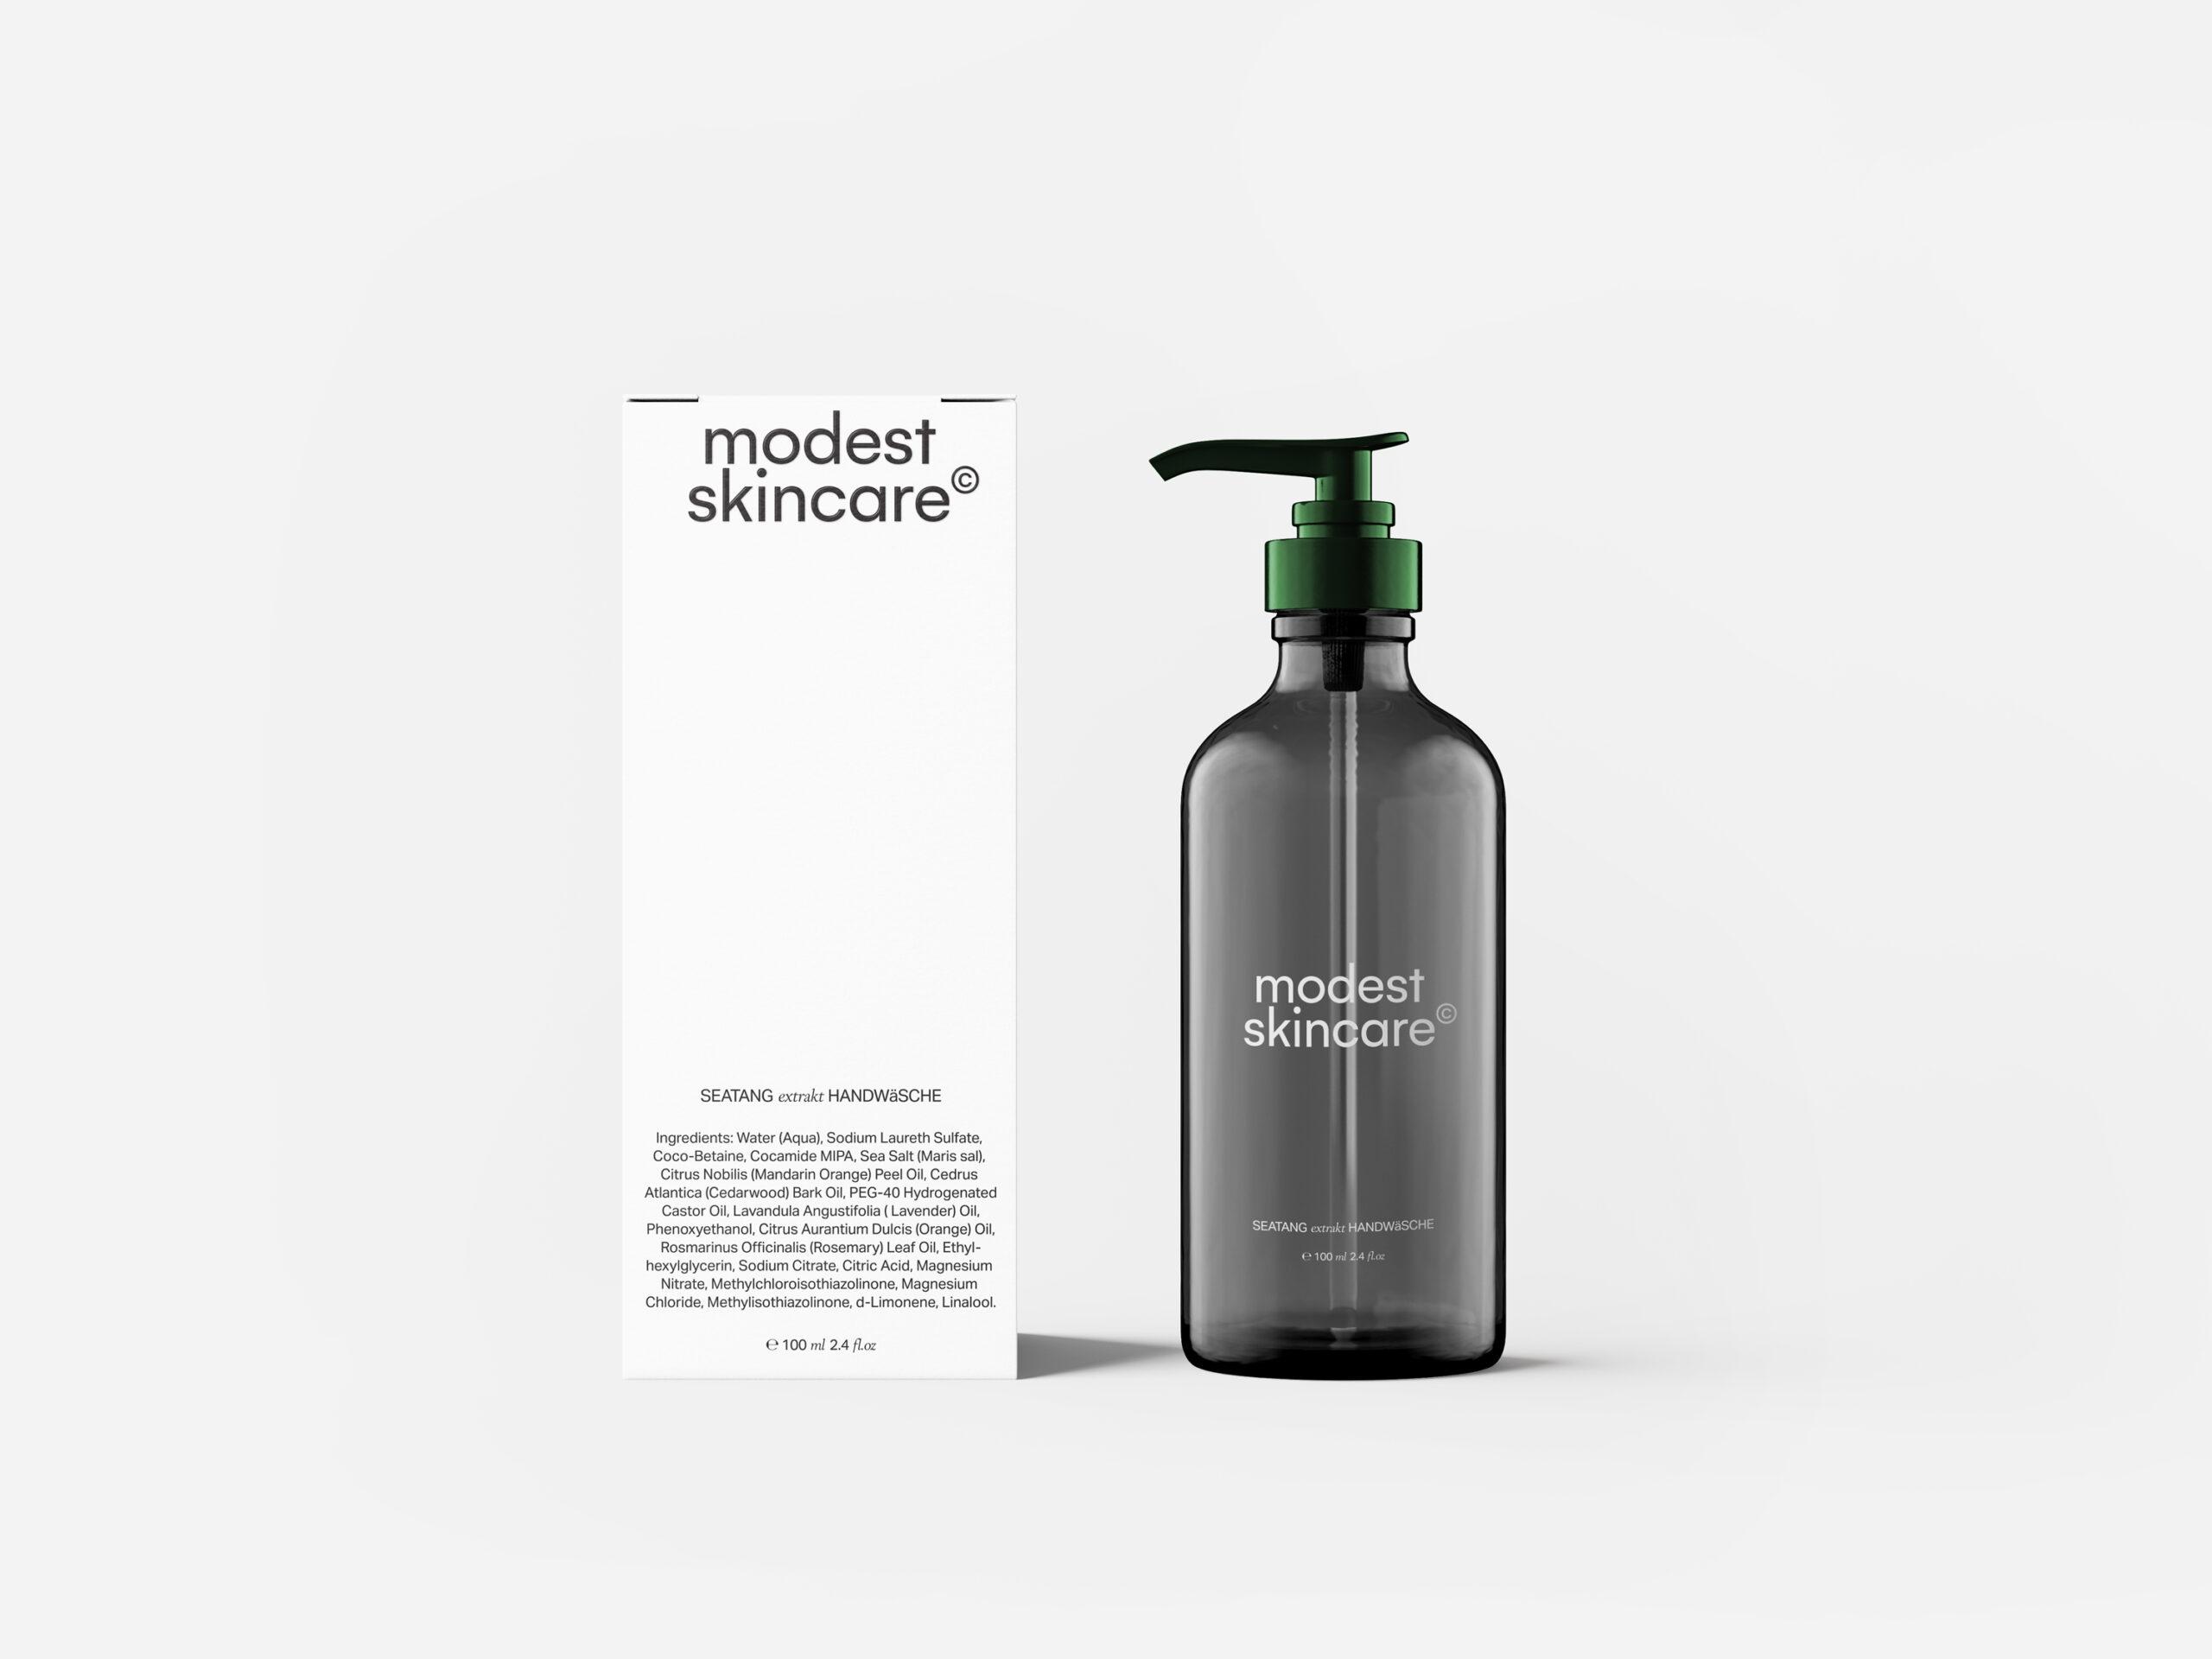 modest-skincare-bottle-packaging